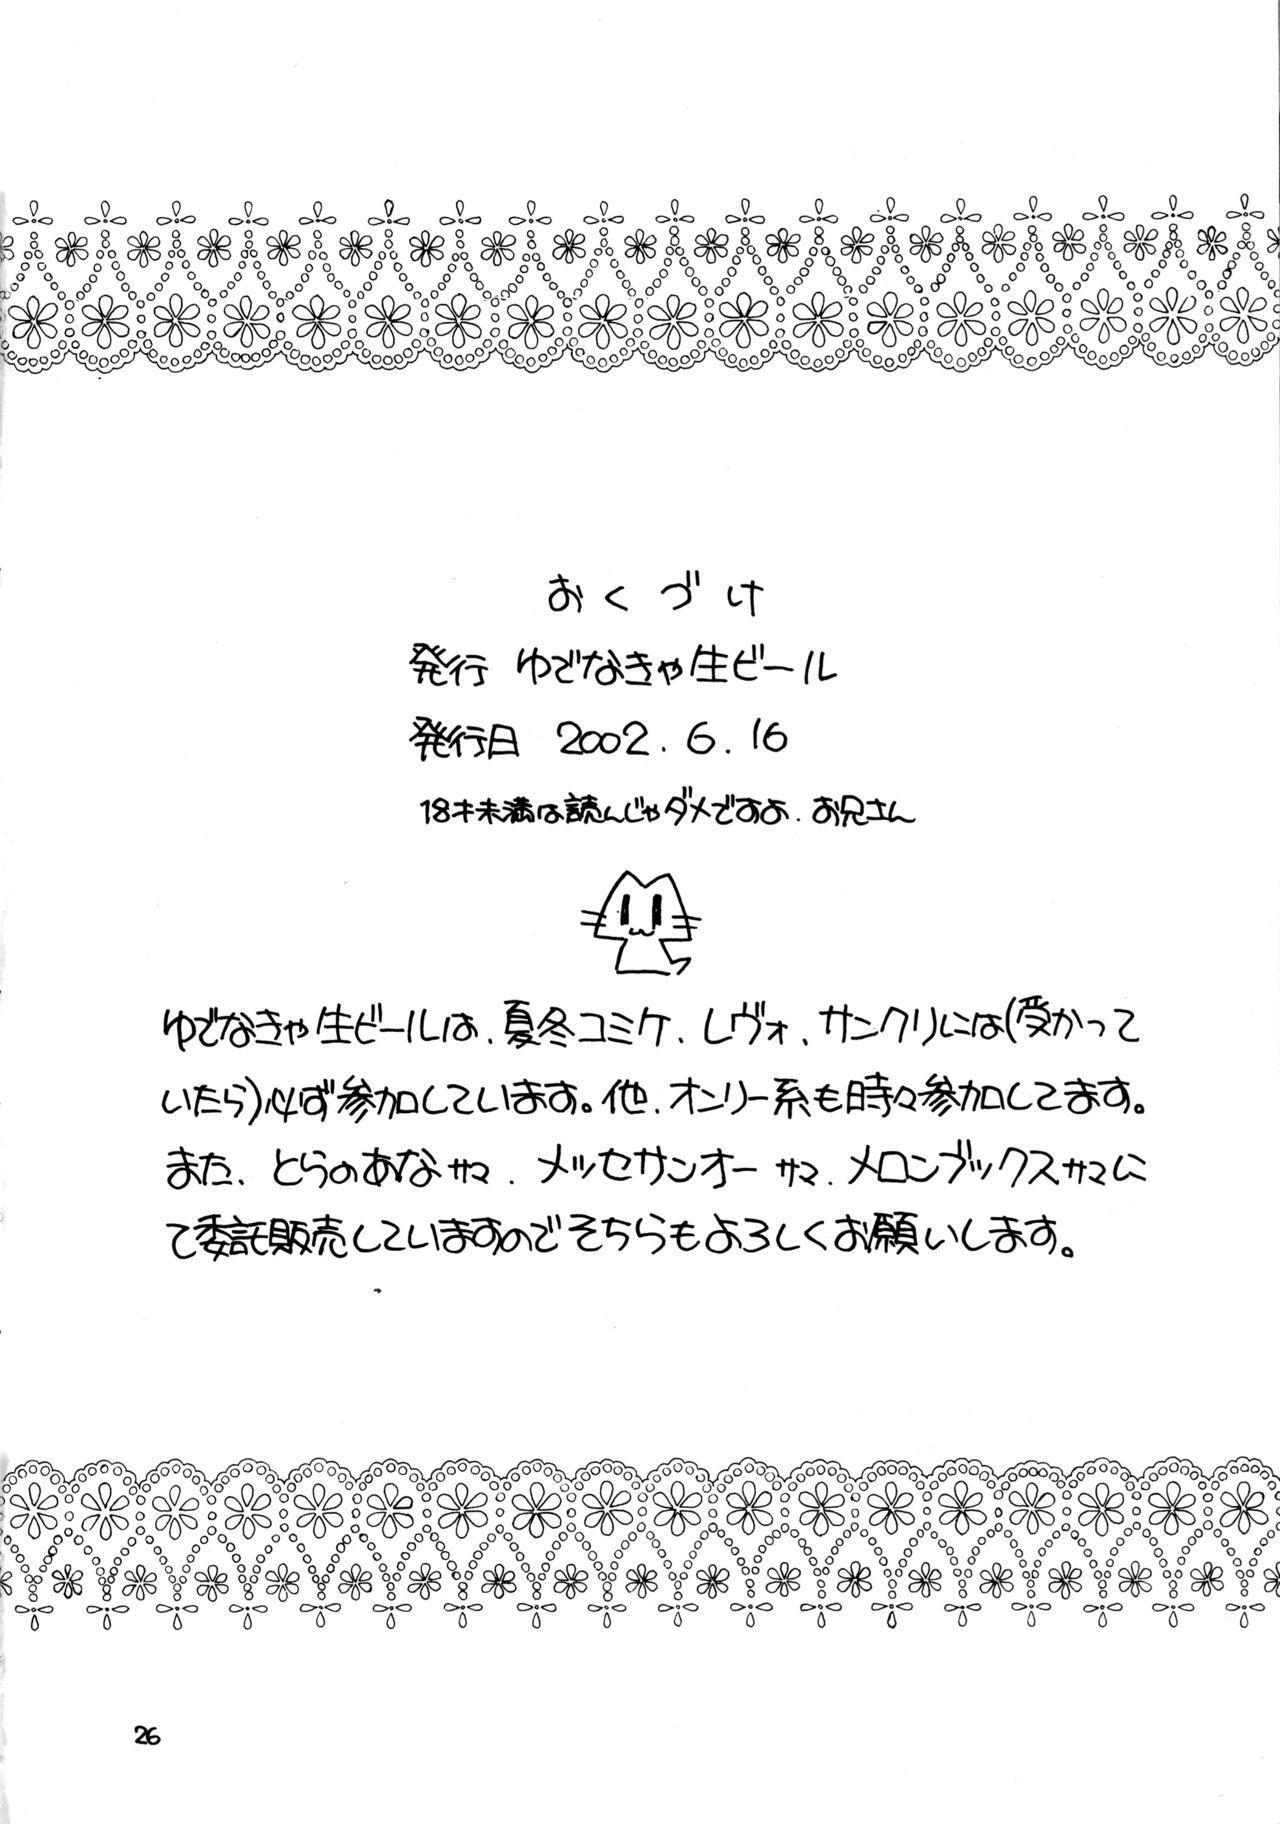 Tsukamoto Insatsu Rennyuu Pack 25